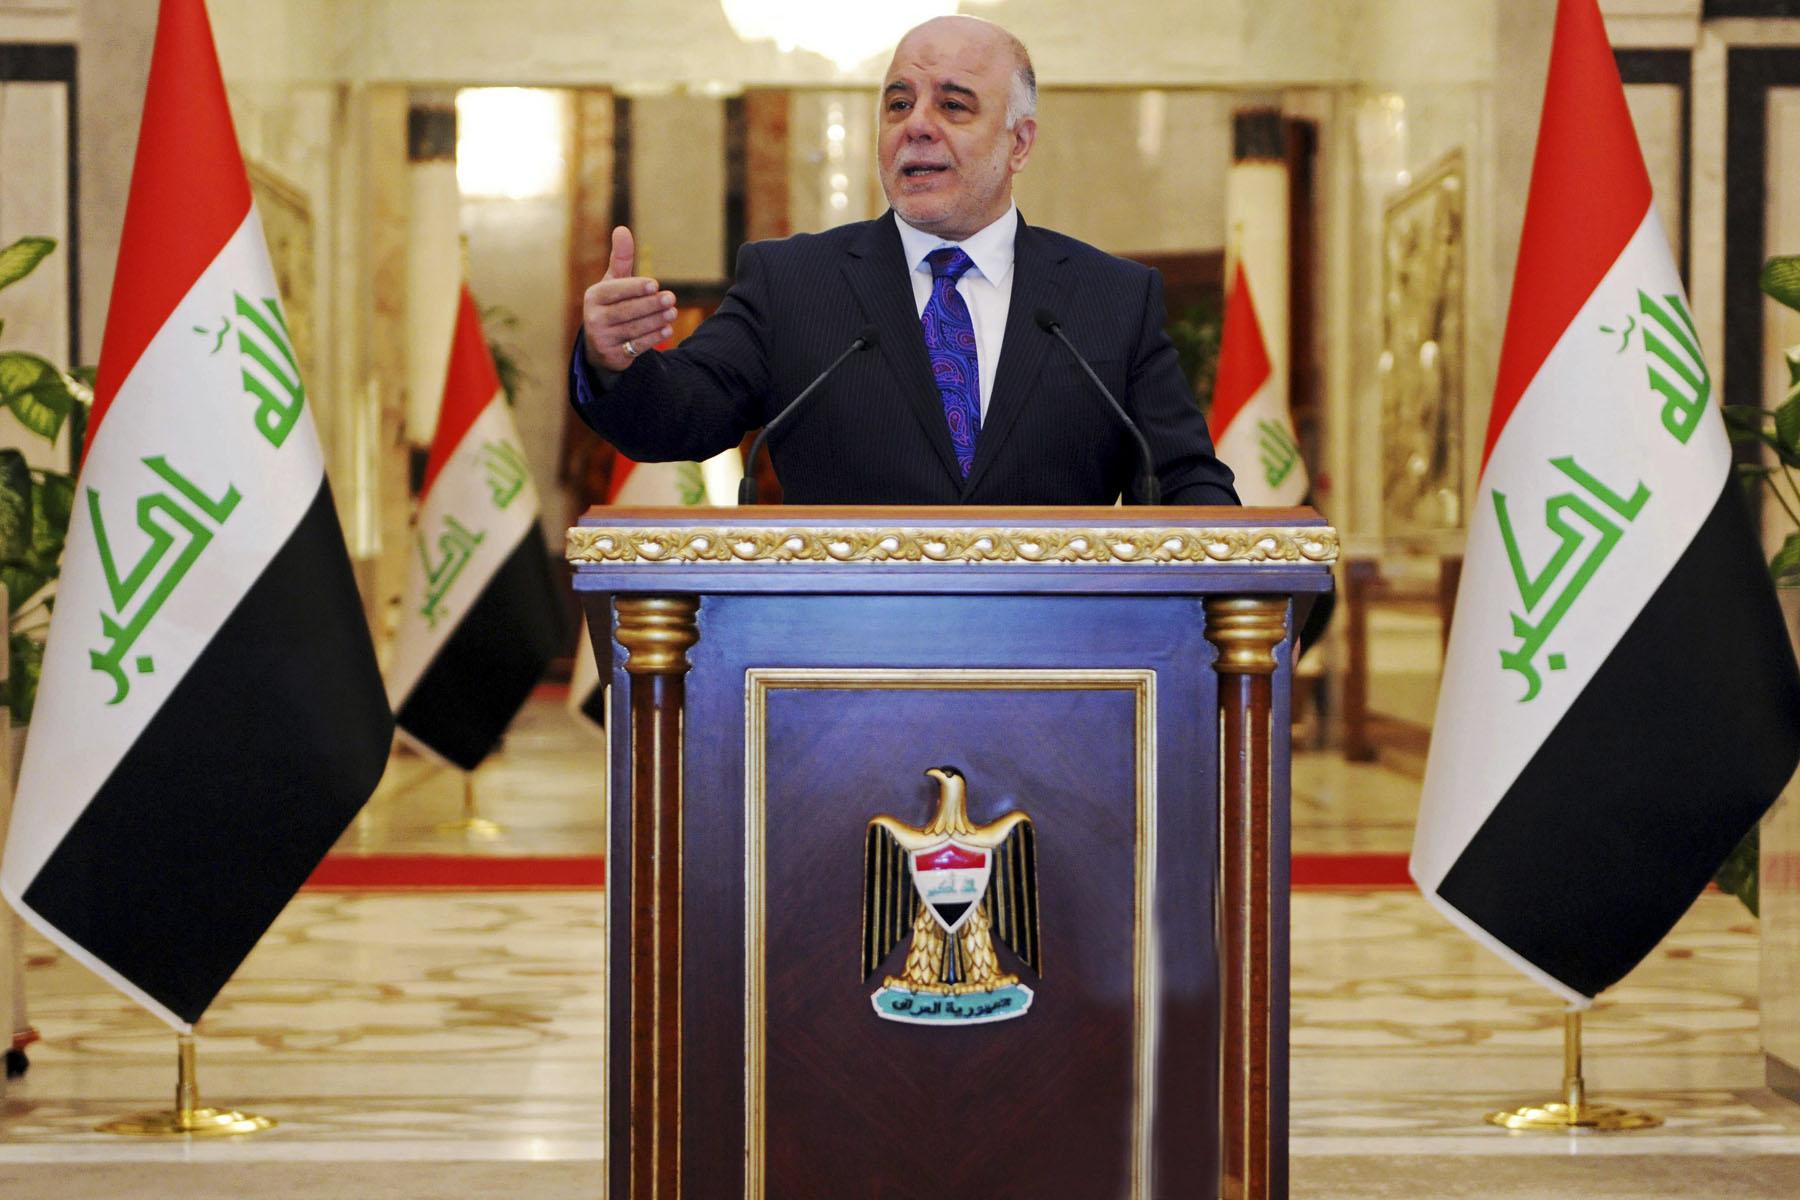 Премьер-министр Ирака Хайдер Аль-Абади грозился принять ответные меры для въезда граждан США. Фото: nileinternational.net